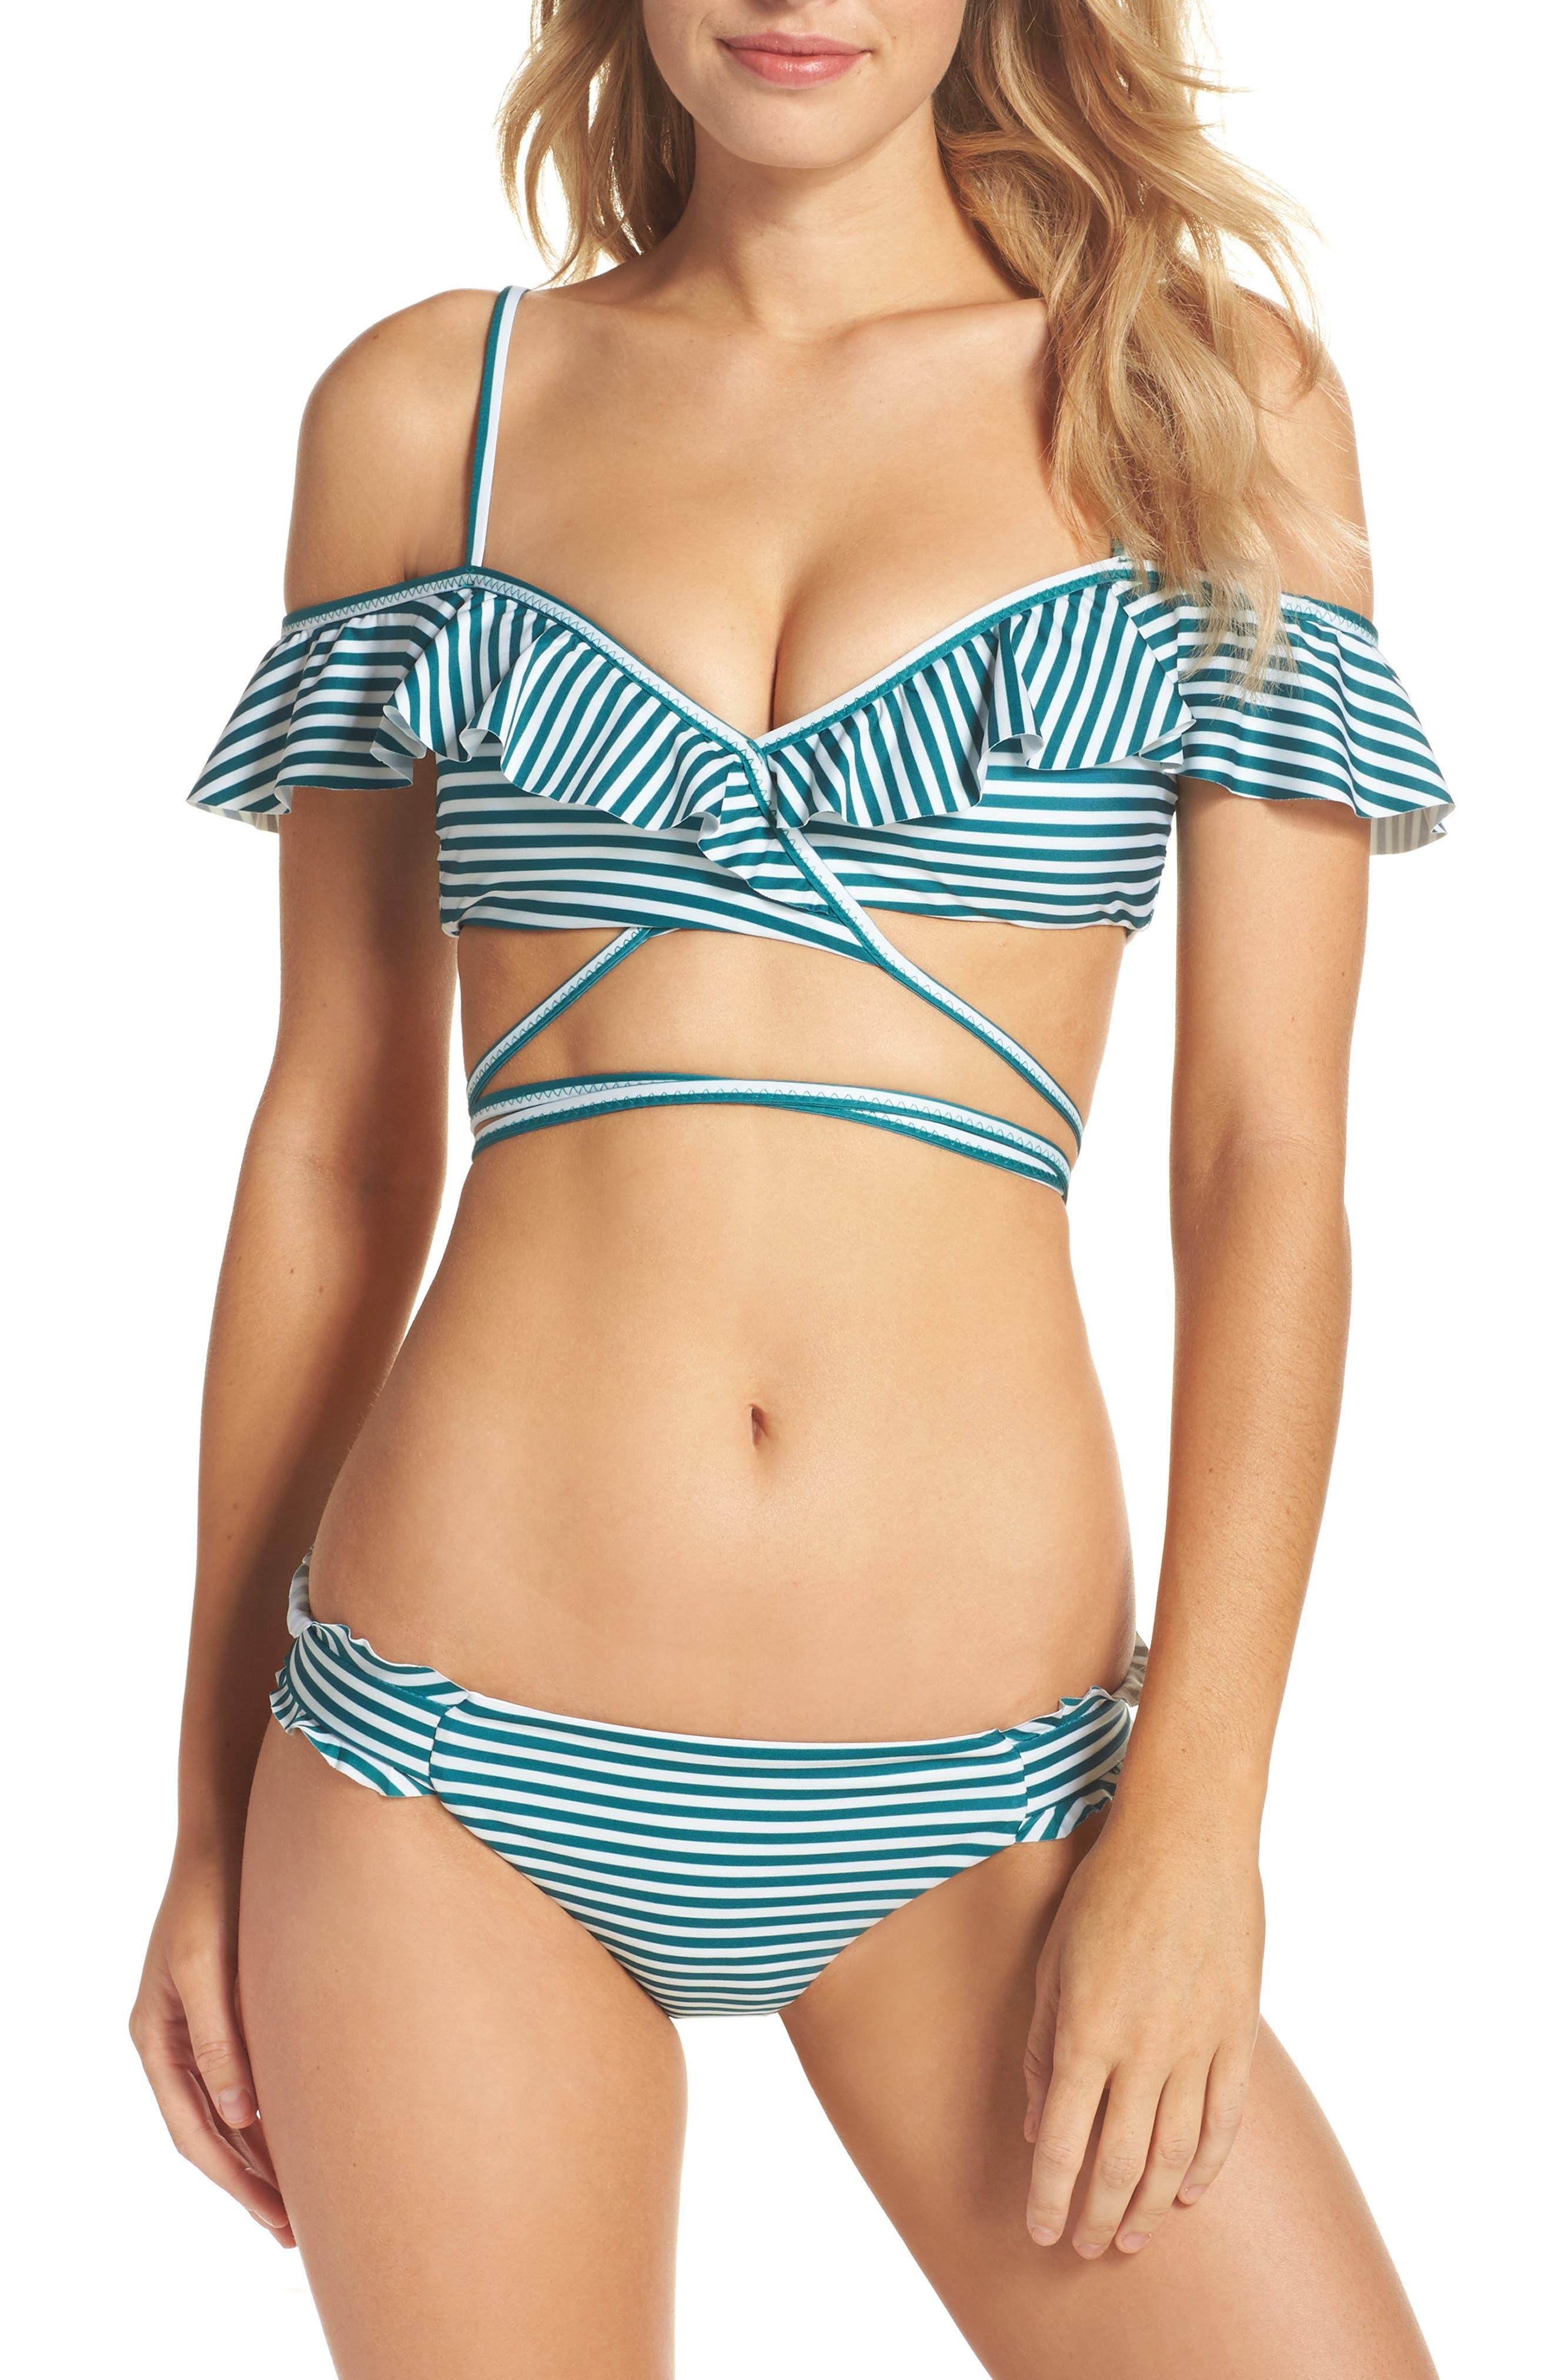 Avalon Ruffle Bikini Bottoms,                             Alternate thumbnail 7, color,                             Black/ White